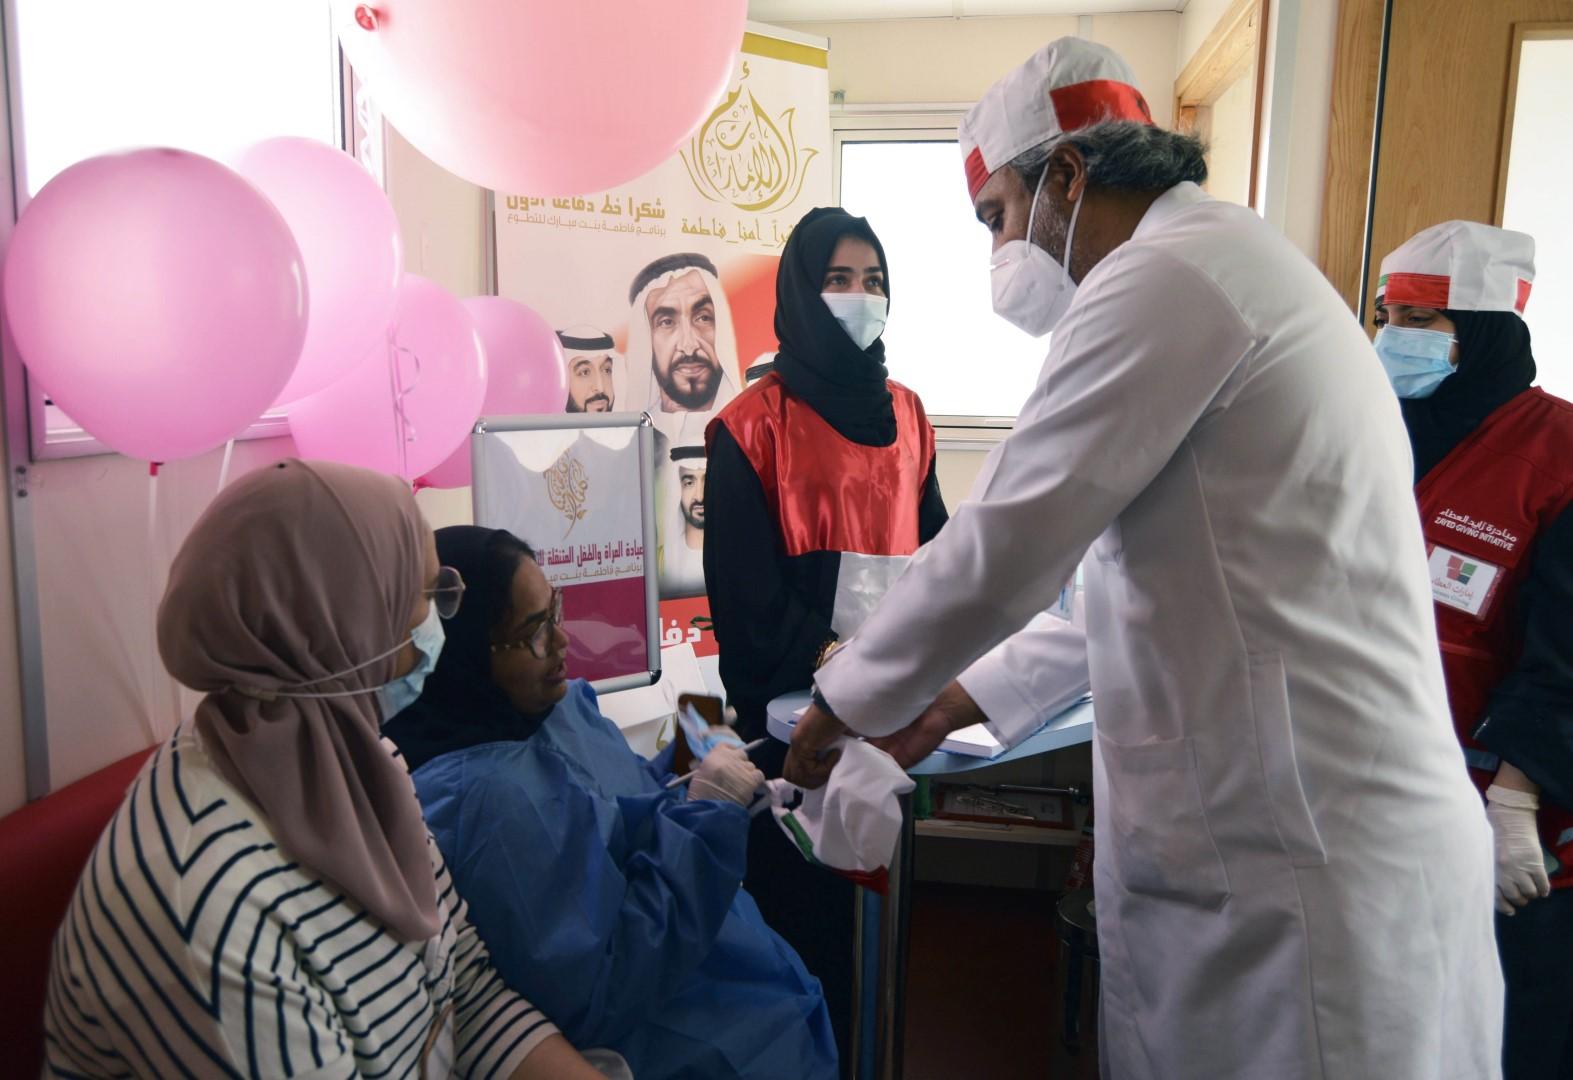 بتوجيهات الشيخة فاطمة بنت مبارك.. إطلاق عيادة صحة المرأة والطفل المتنقلة للتطبيب عن بعد